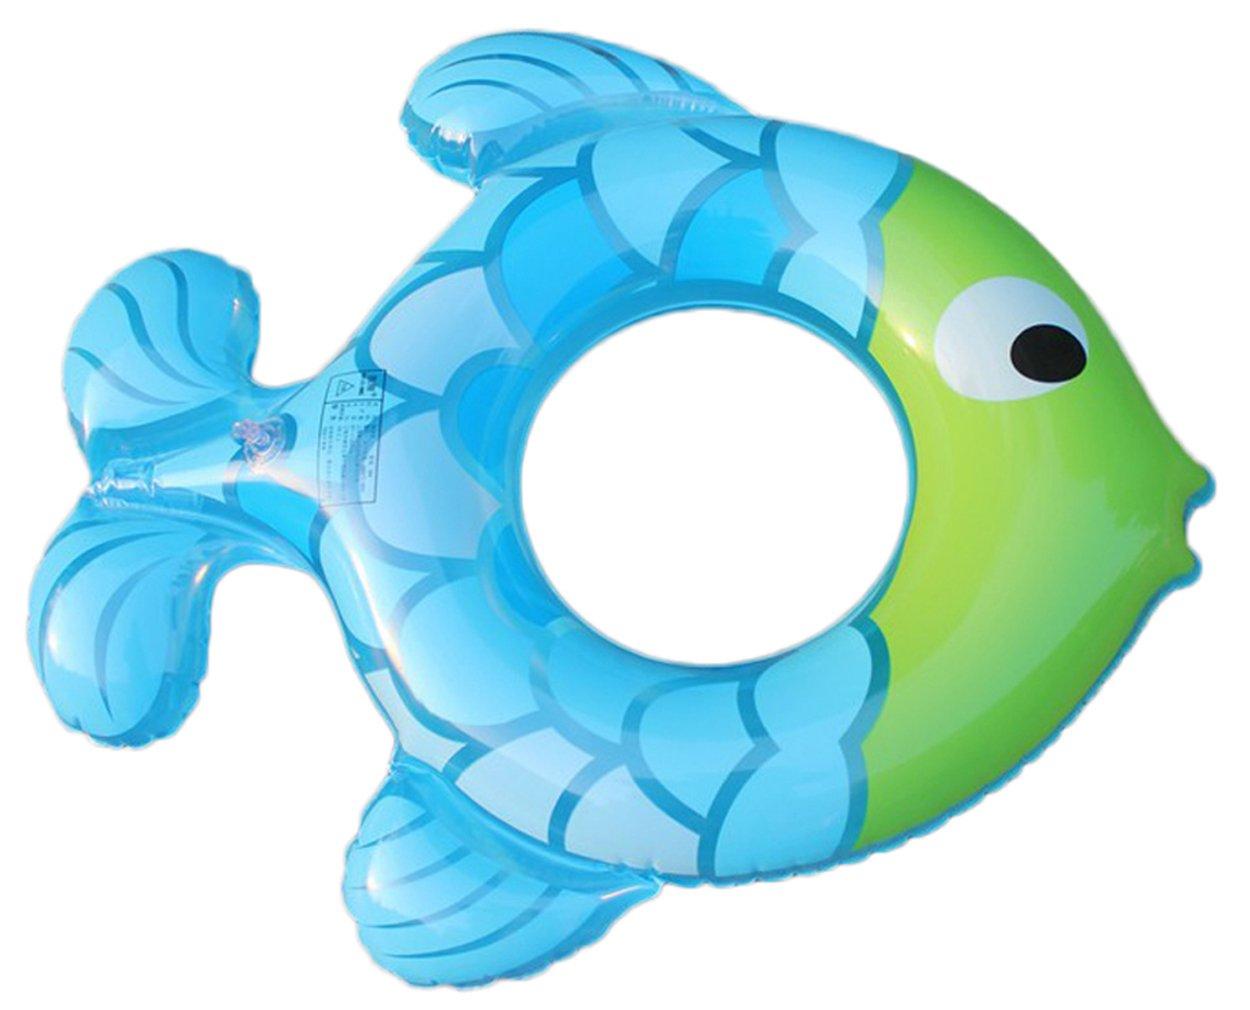 La vogue diseño con forma de niños peces flotador hinchable flotador flotador, Azul: Amazon.es: Deportes y aire libre